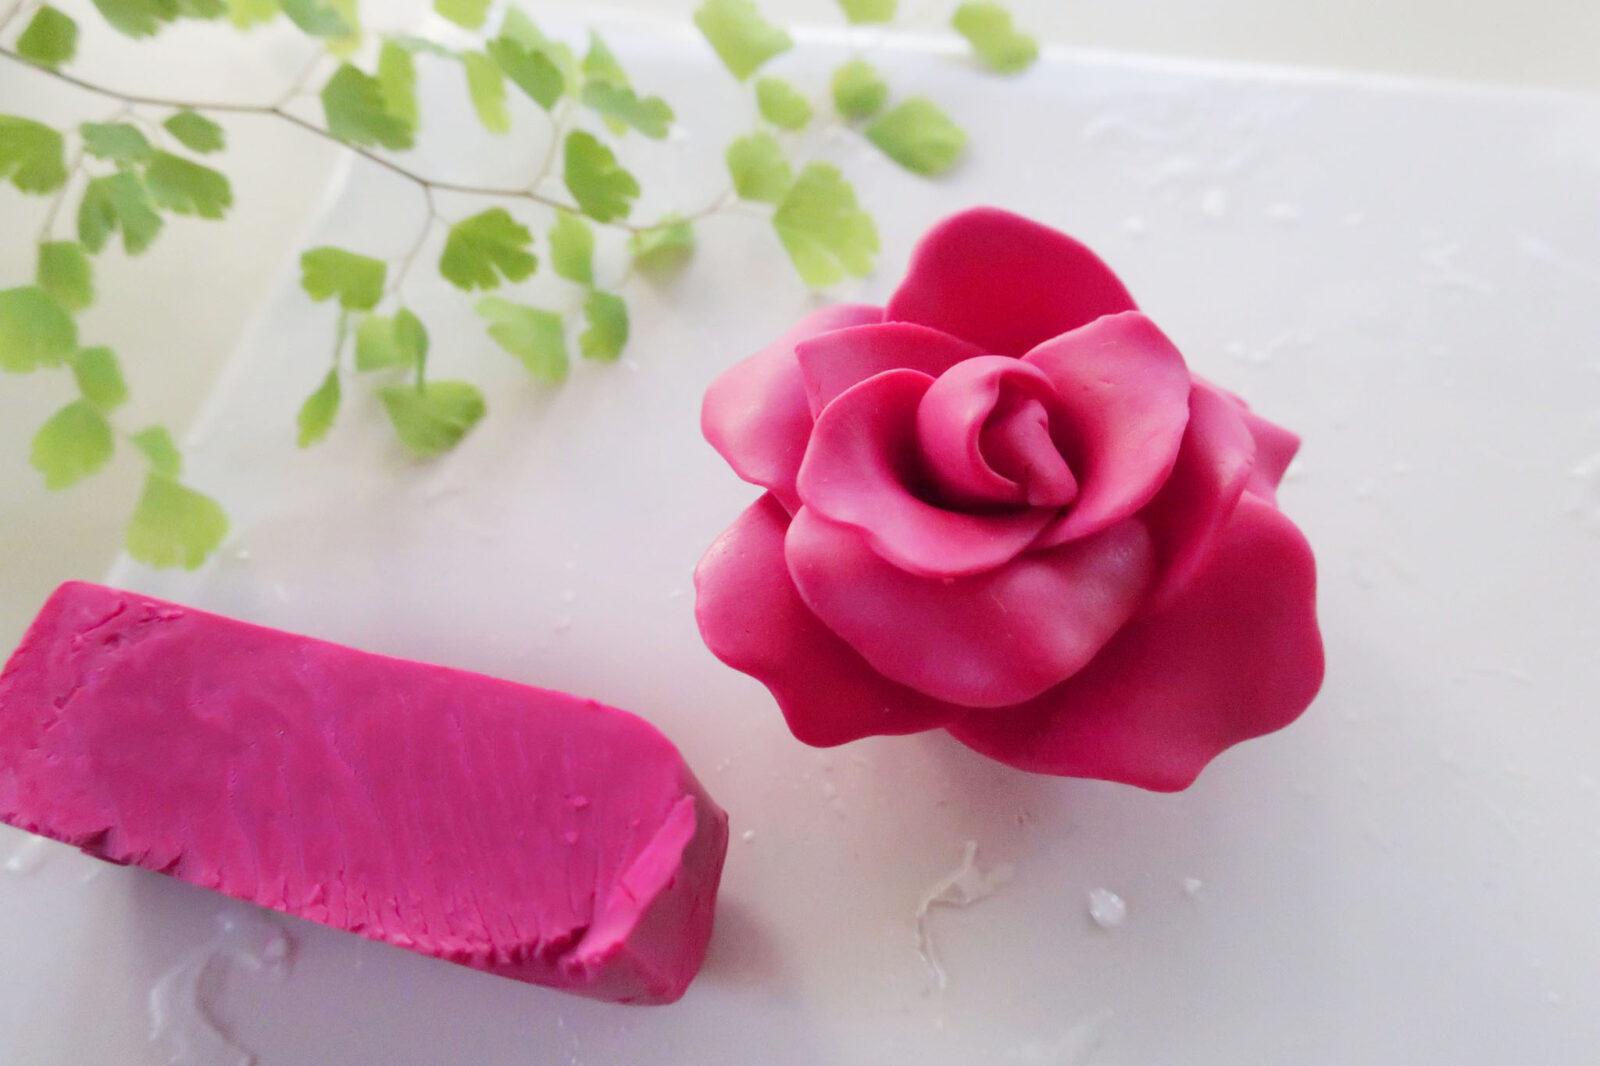 ポリマークレイ(オーブン粘土)の作り方薔薇